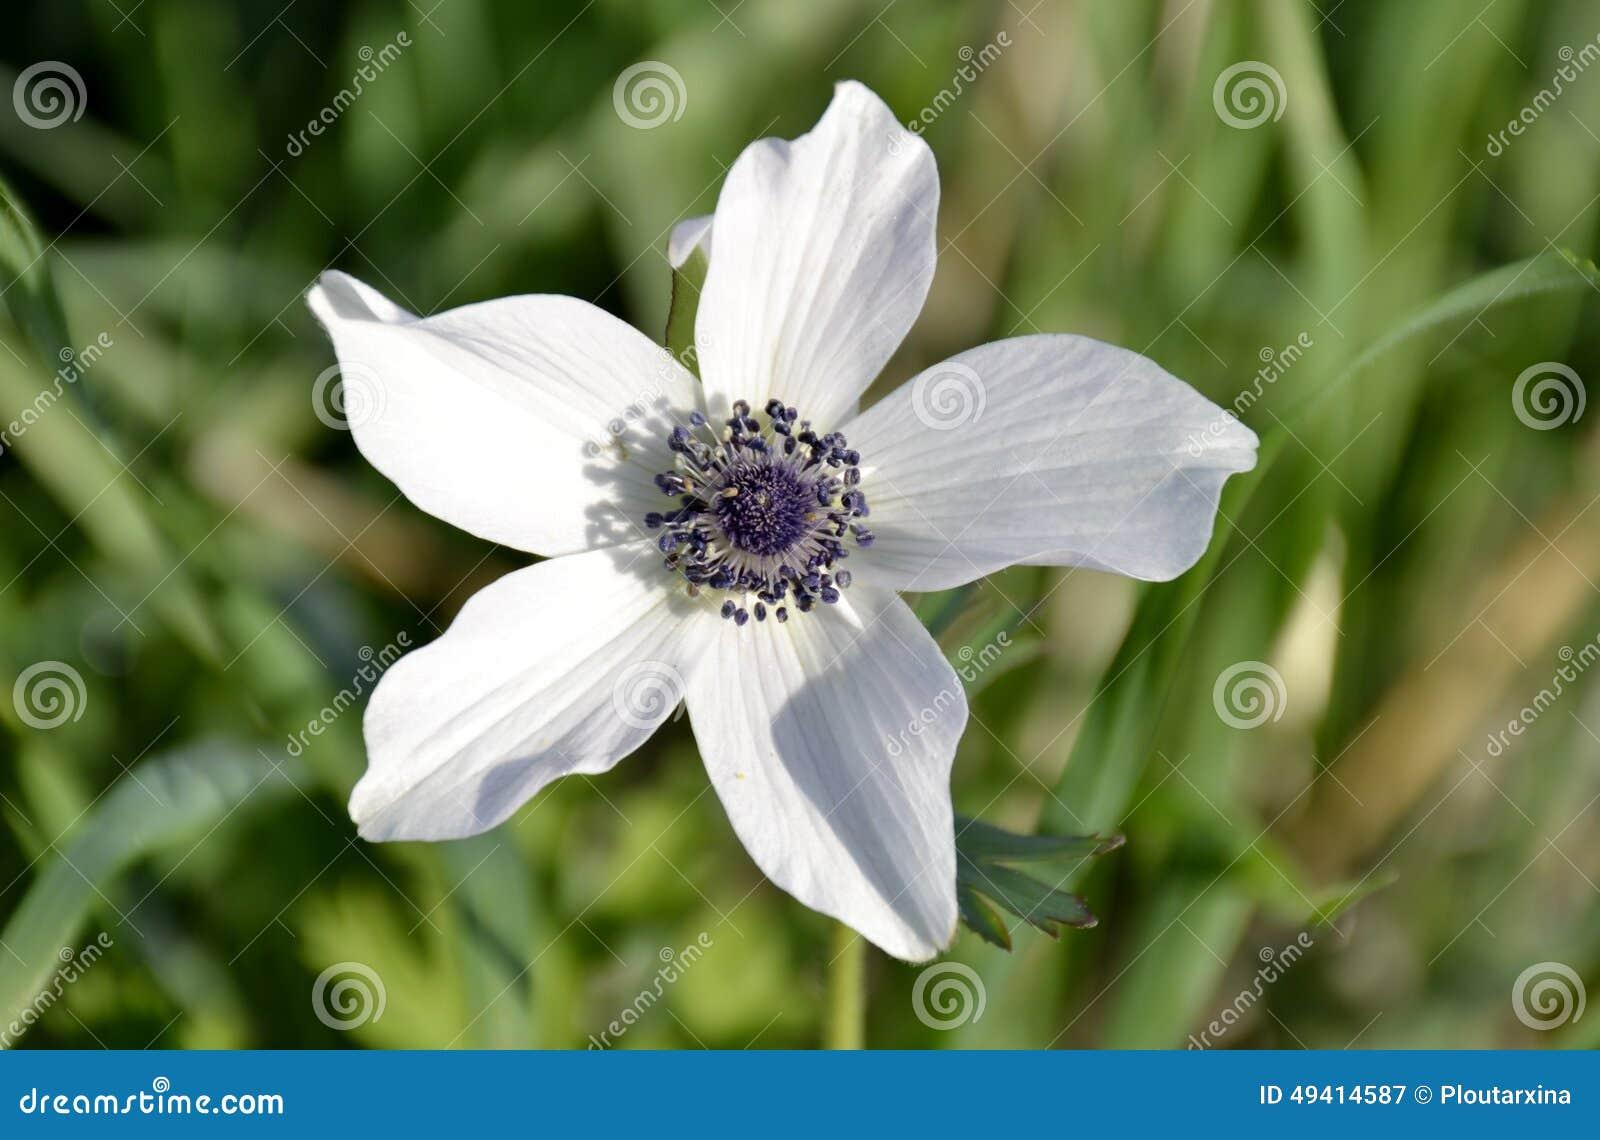 Download Anemone Flower stockbild. Bild von blume, purpurrot, field - 49414587